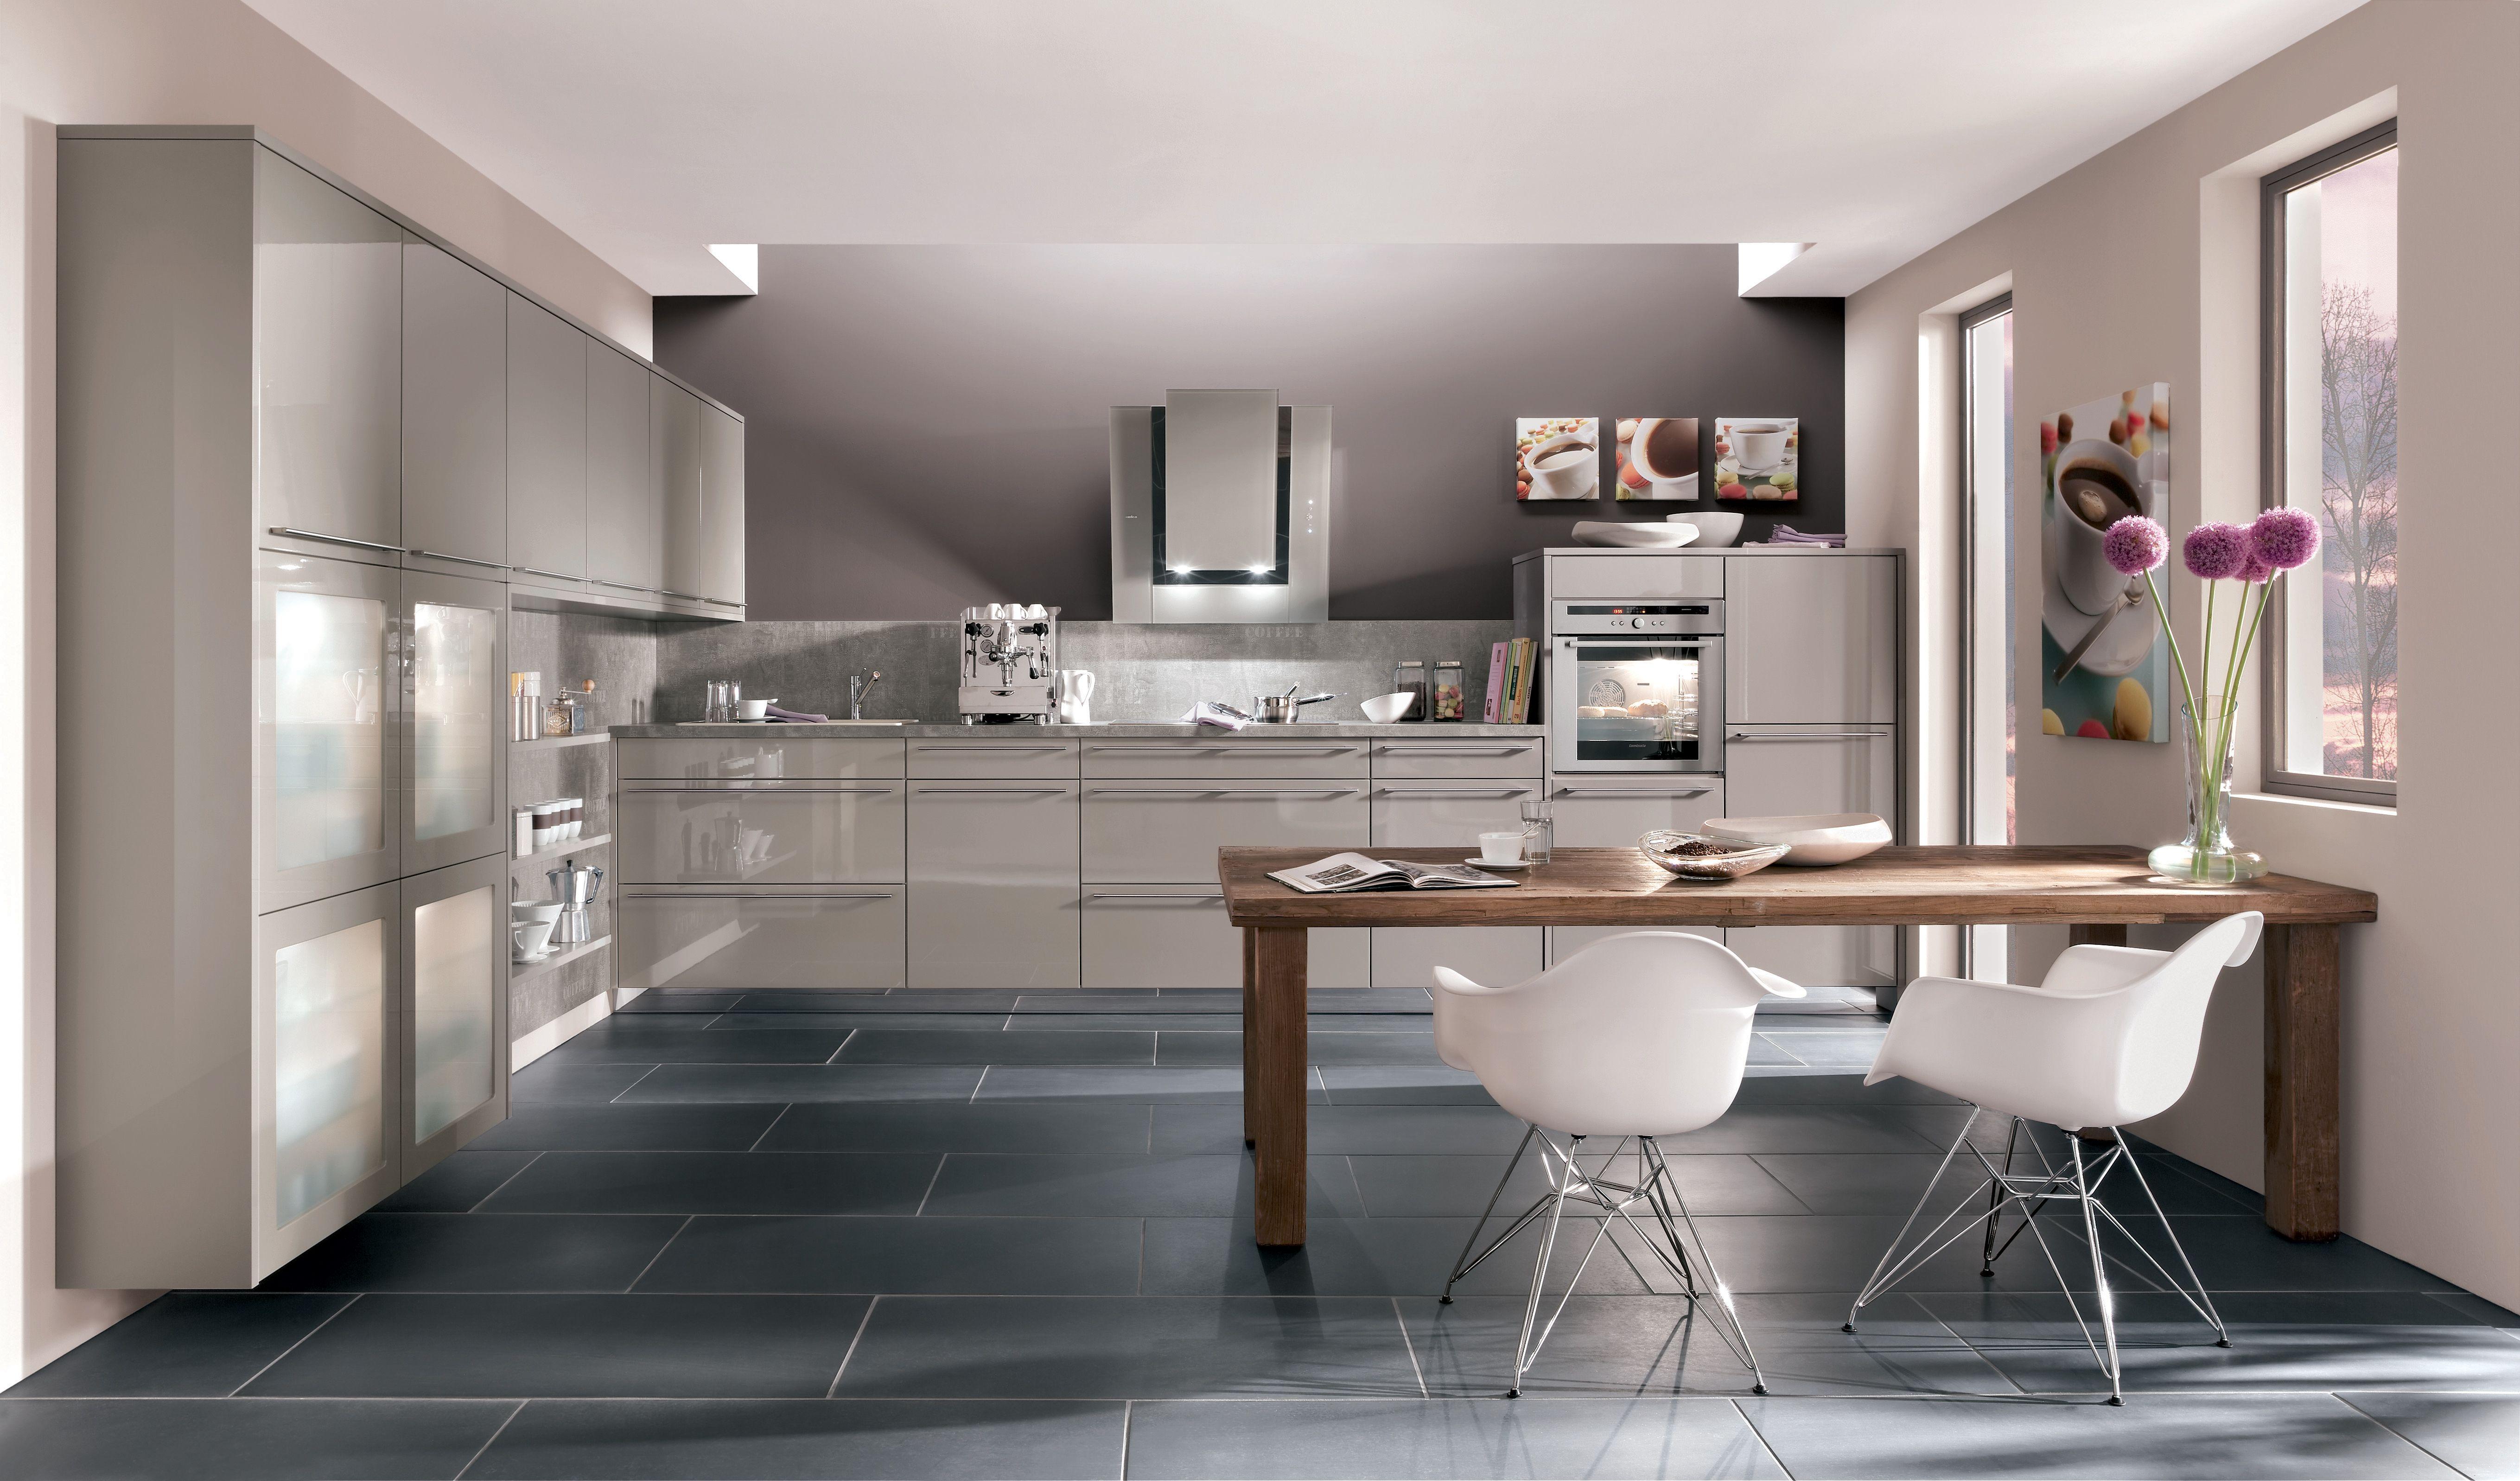 Cuisine en L gris/beige laquée #CuisineAvivA | Kitchen | Pinterest ...